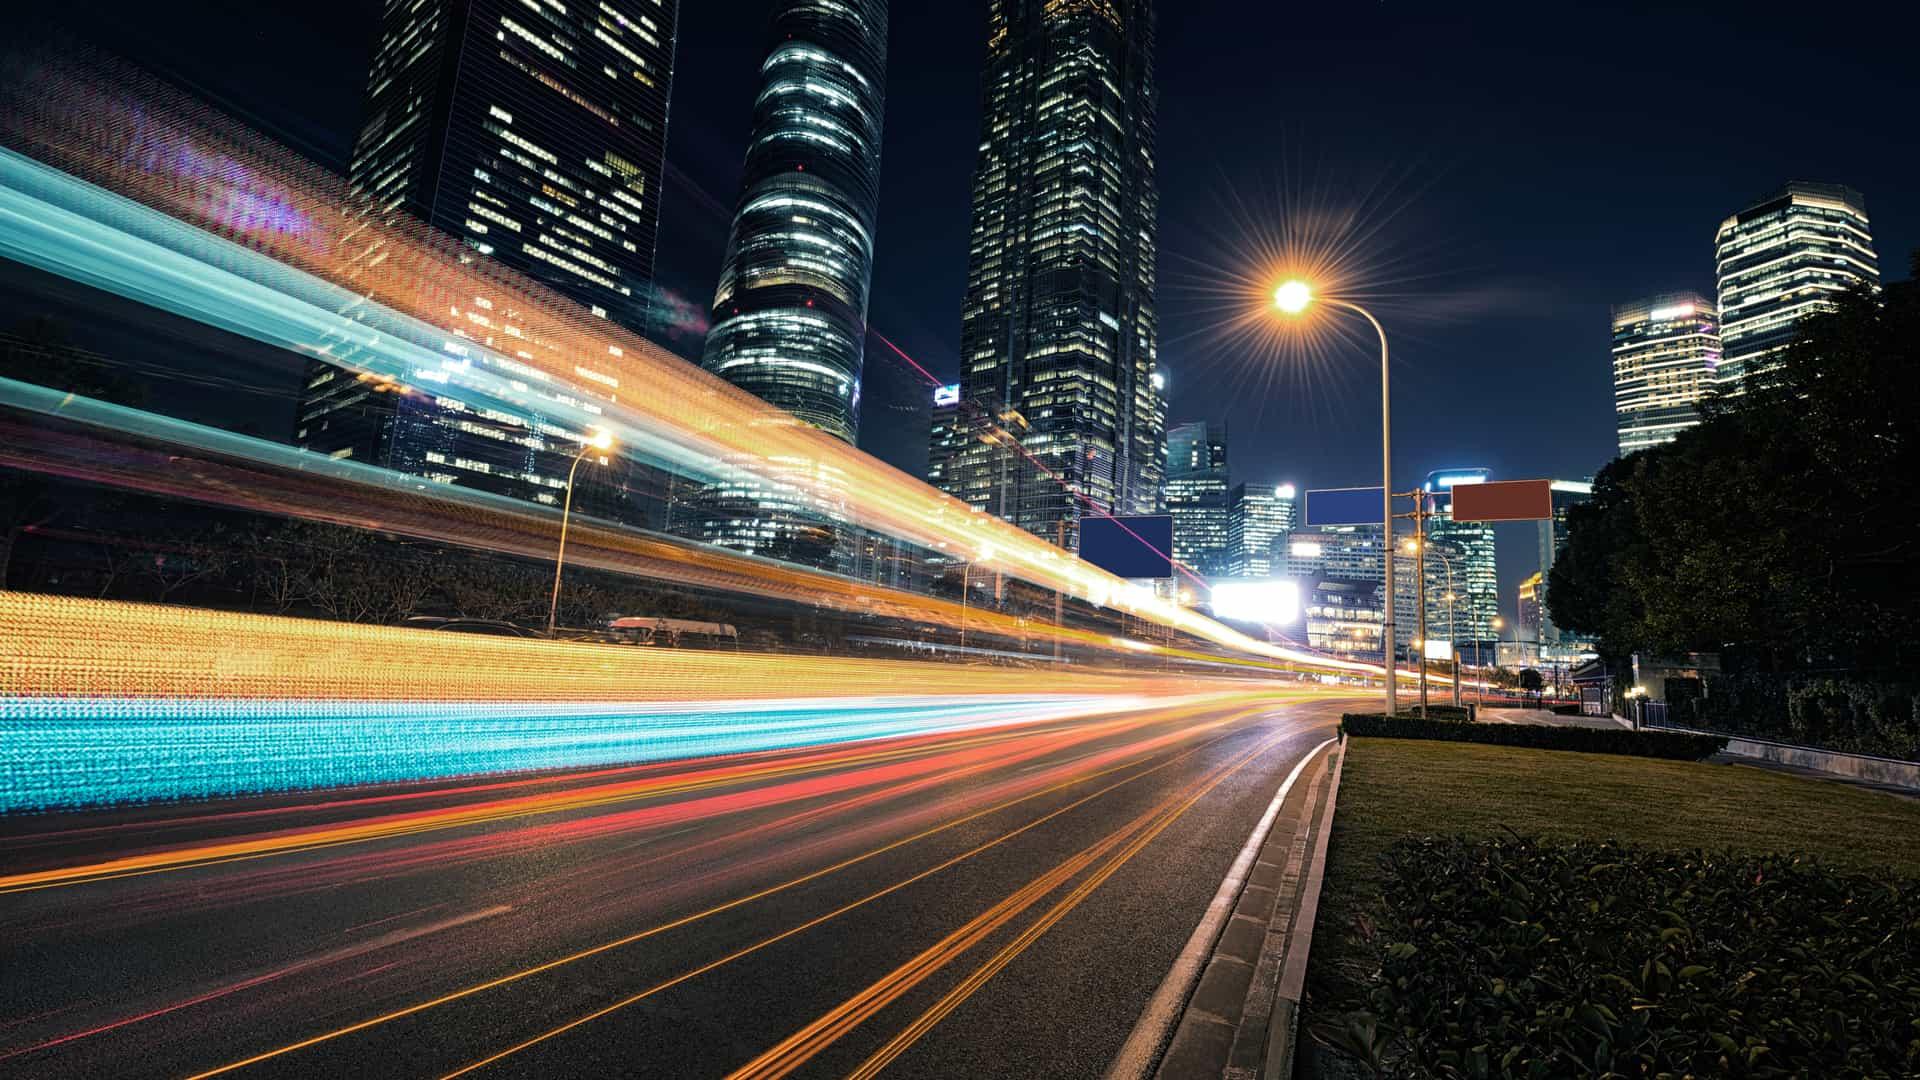 Fibra 600Mb: internet de alta velocidad al mejor precio